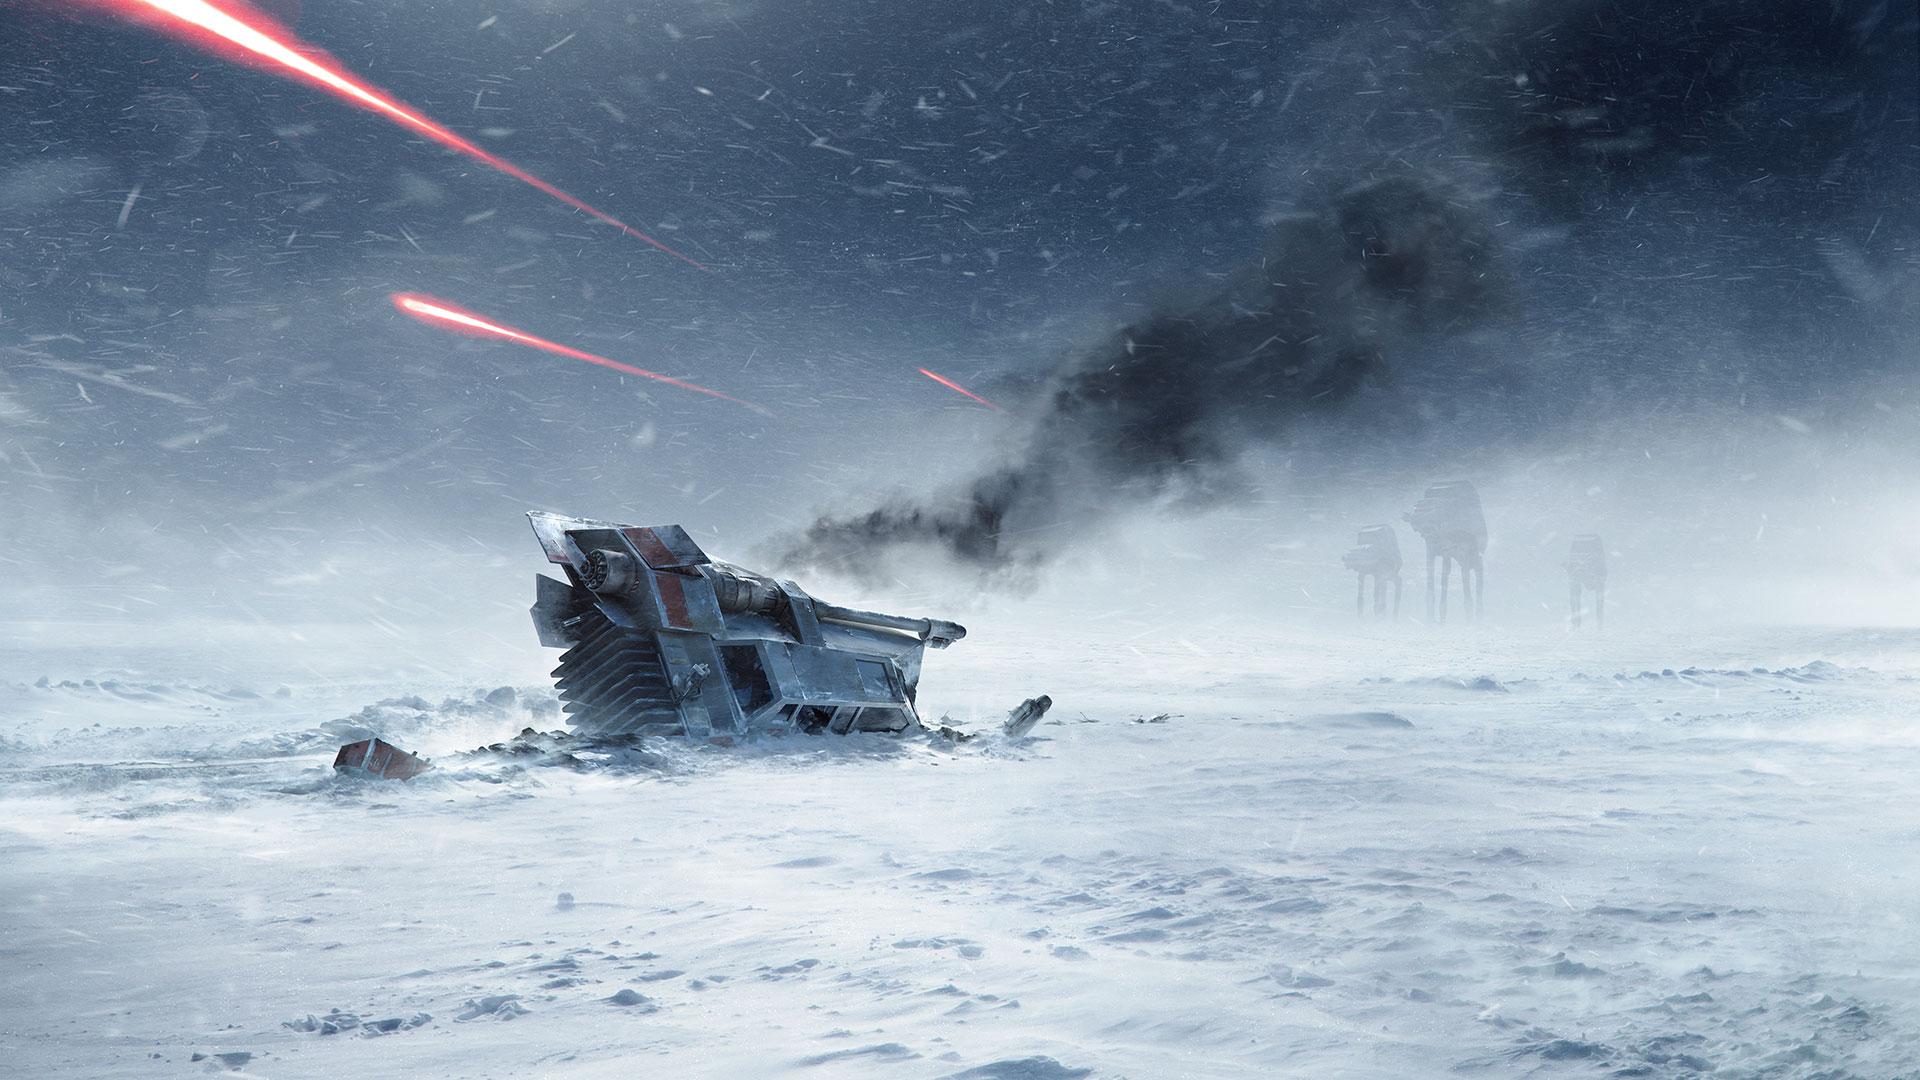 DICE Star Wars Battlefront Hoth Wallpaper StarWars 1920x1080